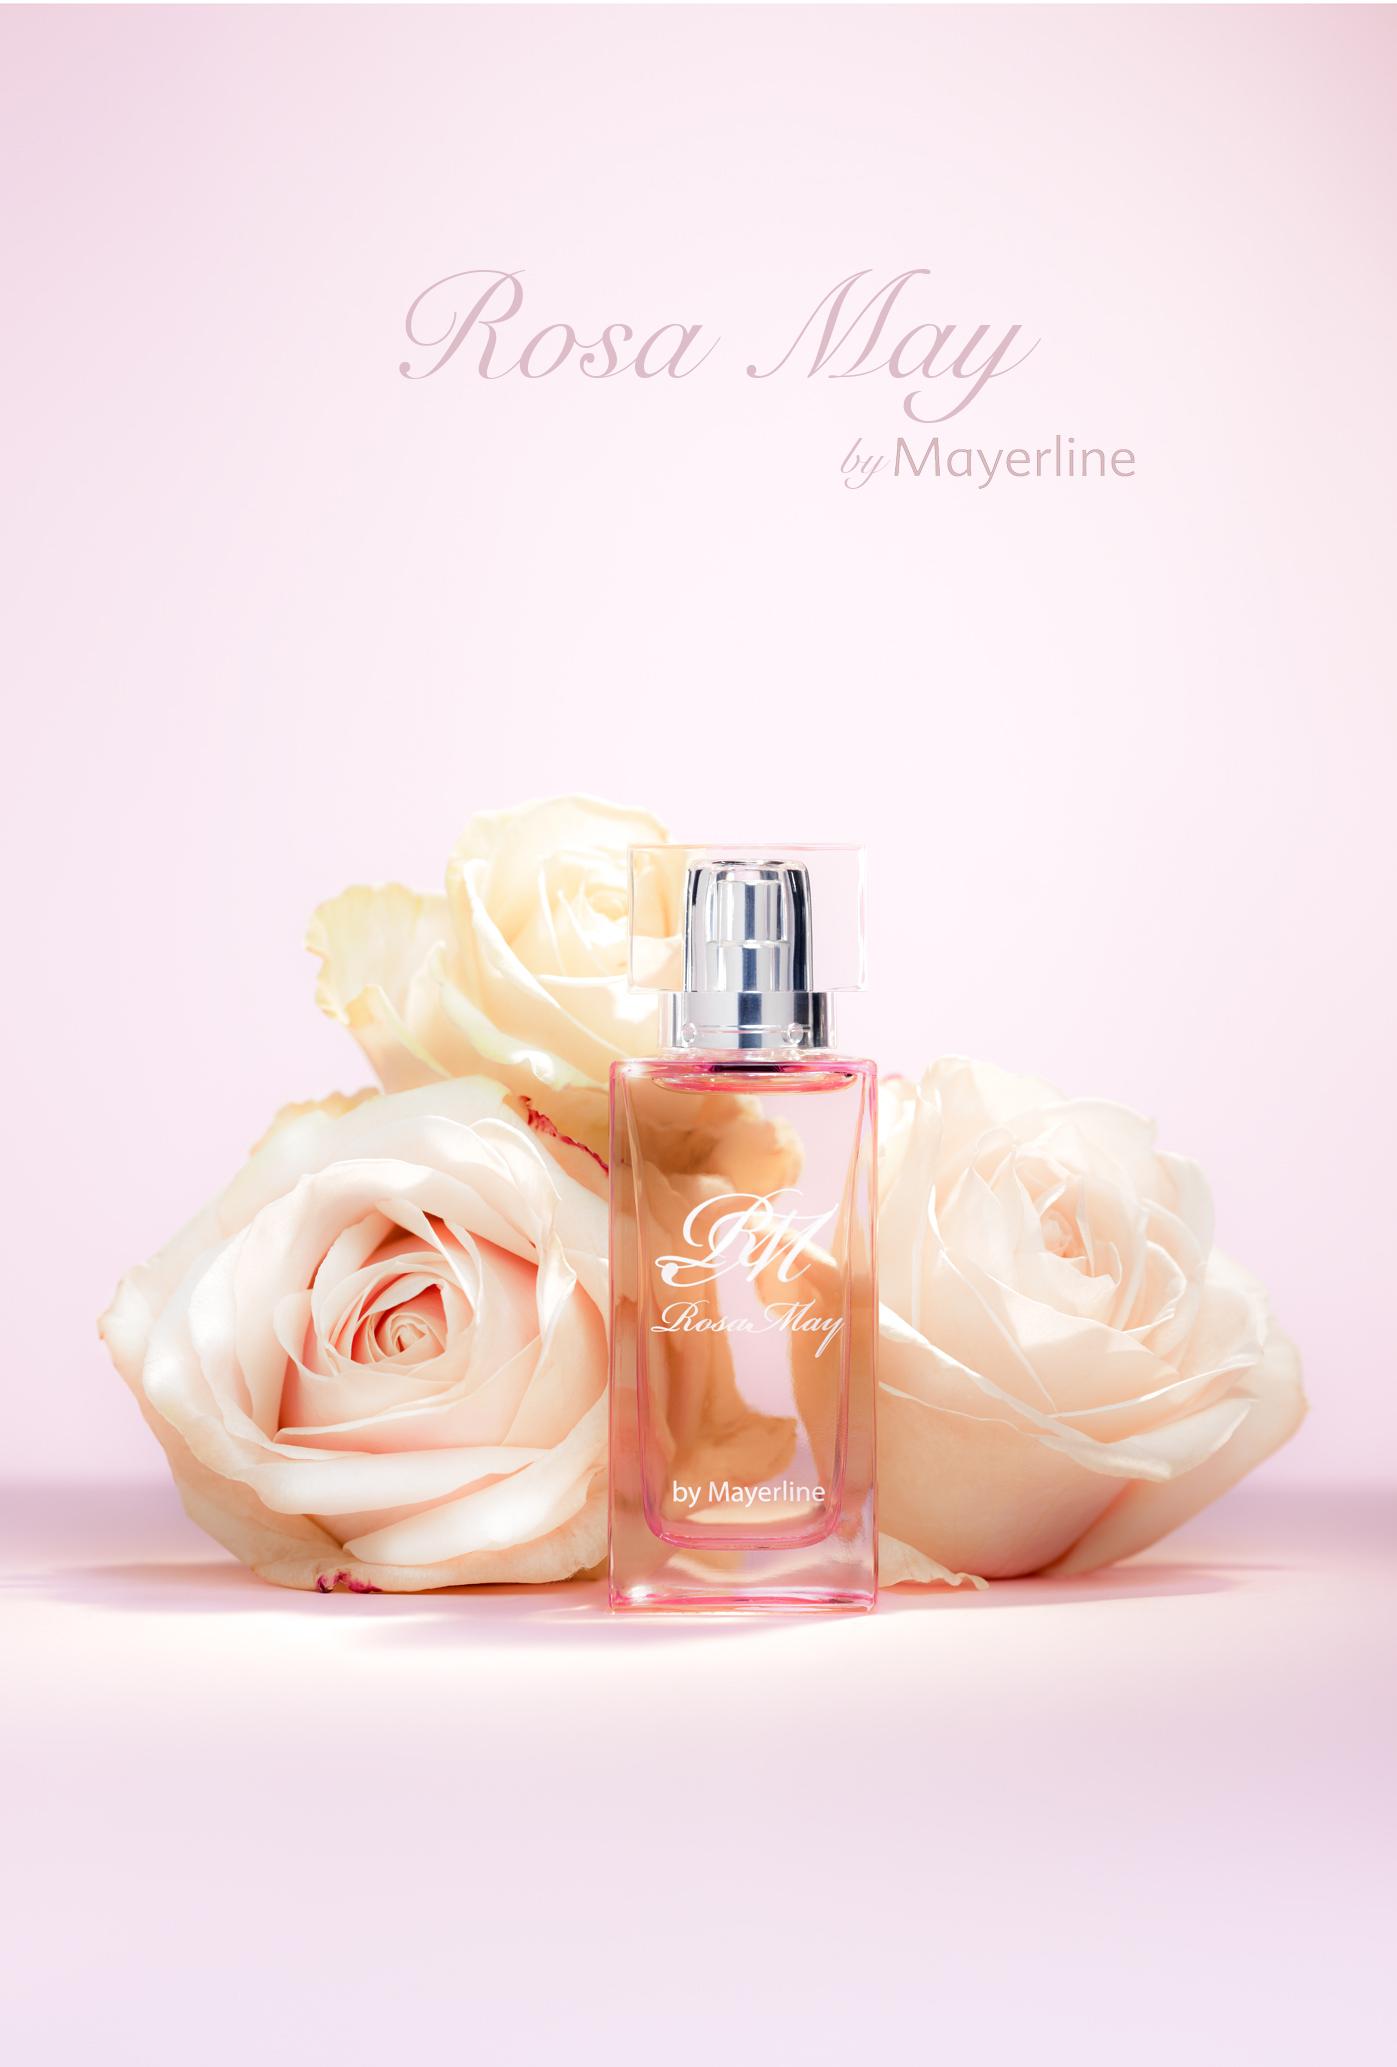 Rosa May